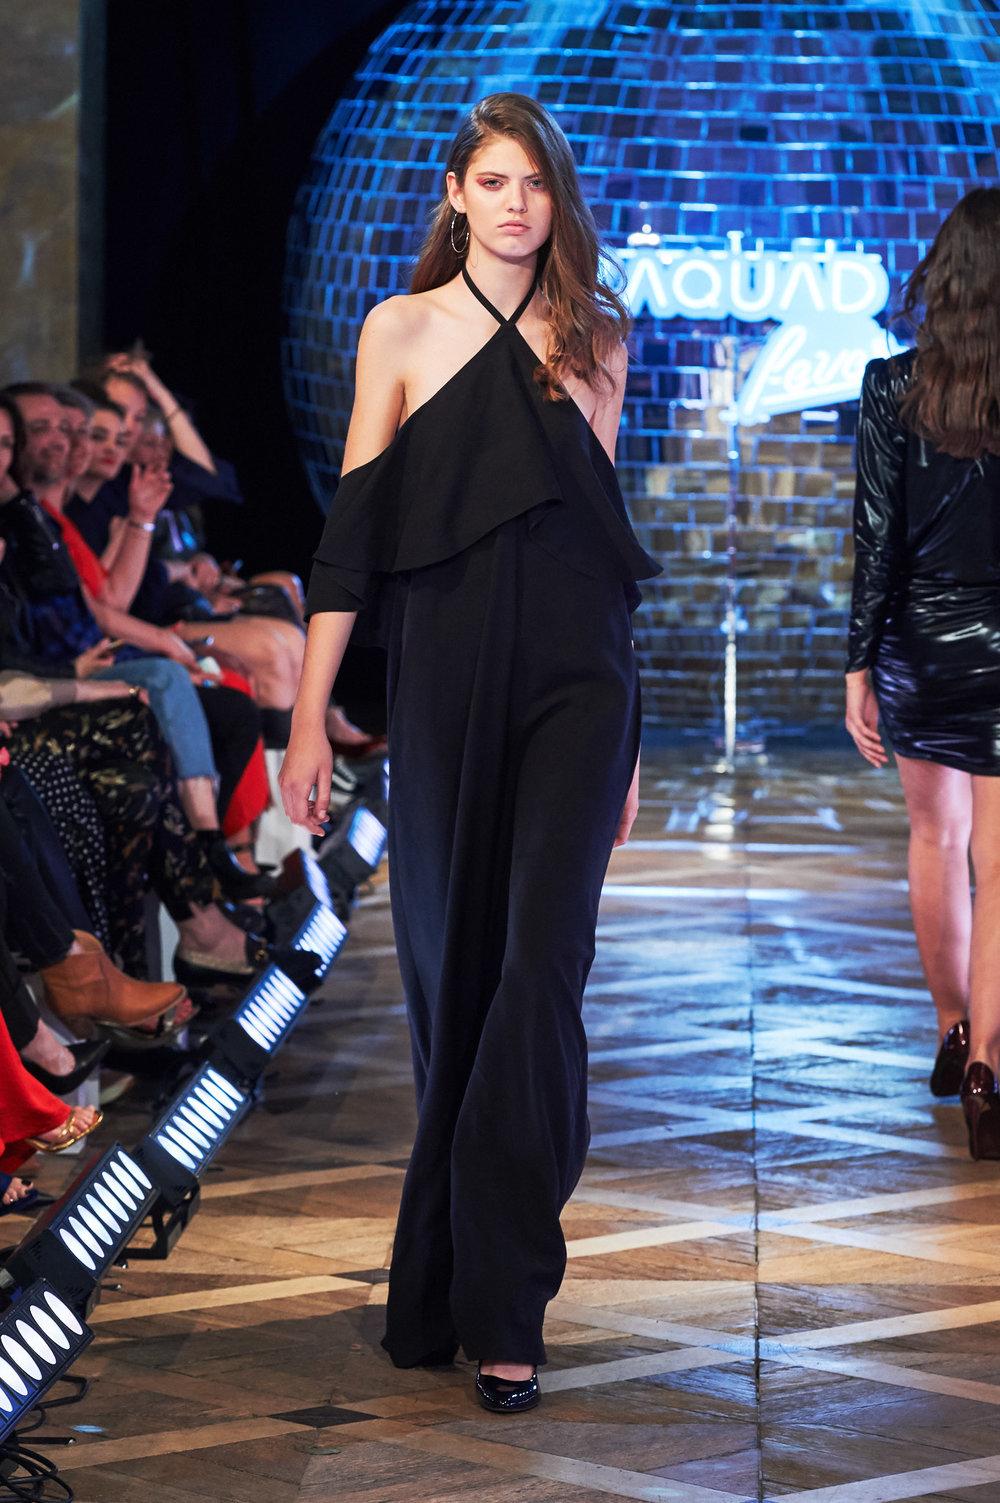 40_ZAQUAD_090519_lowres-fotFilipOkopny-FashionImages.jpg